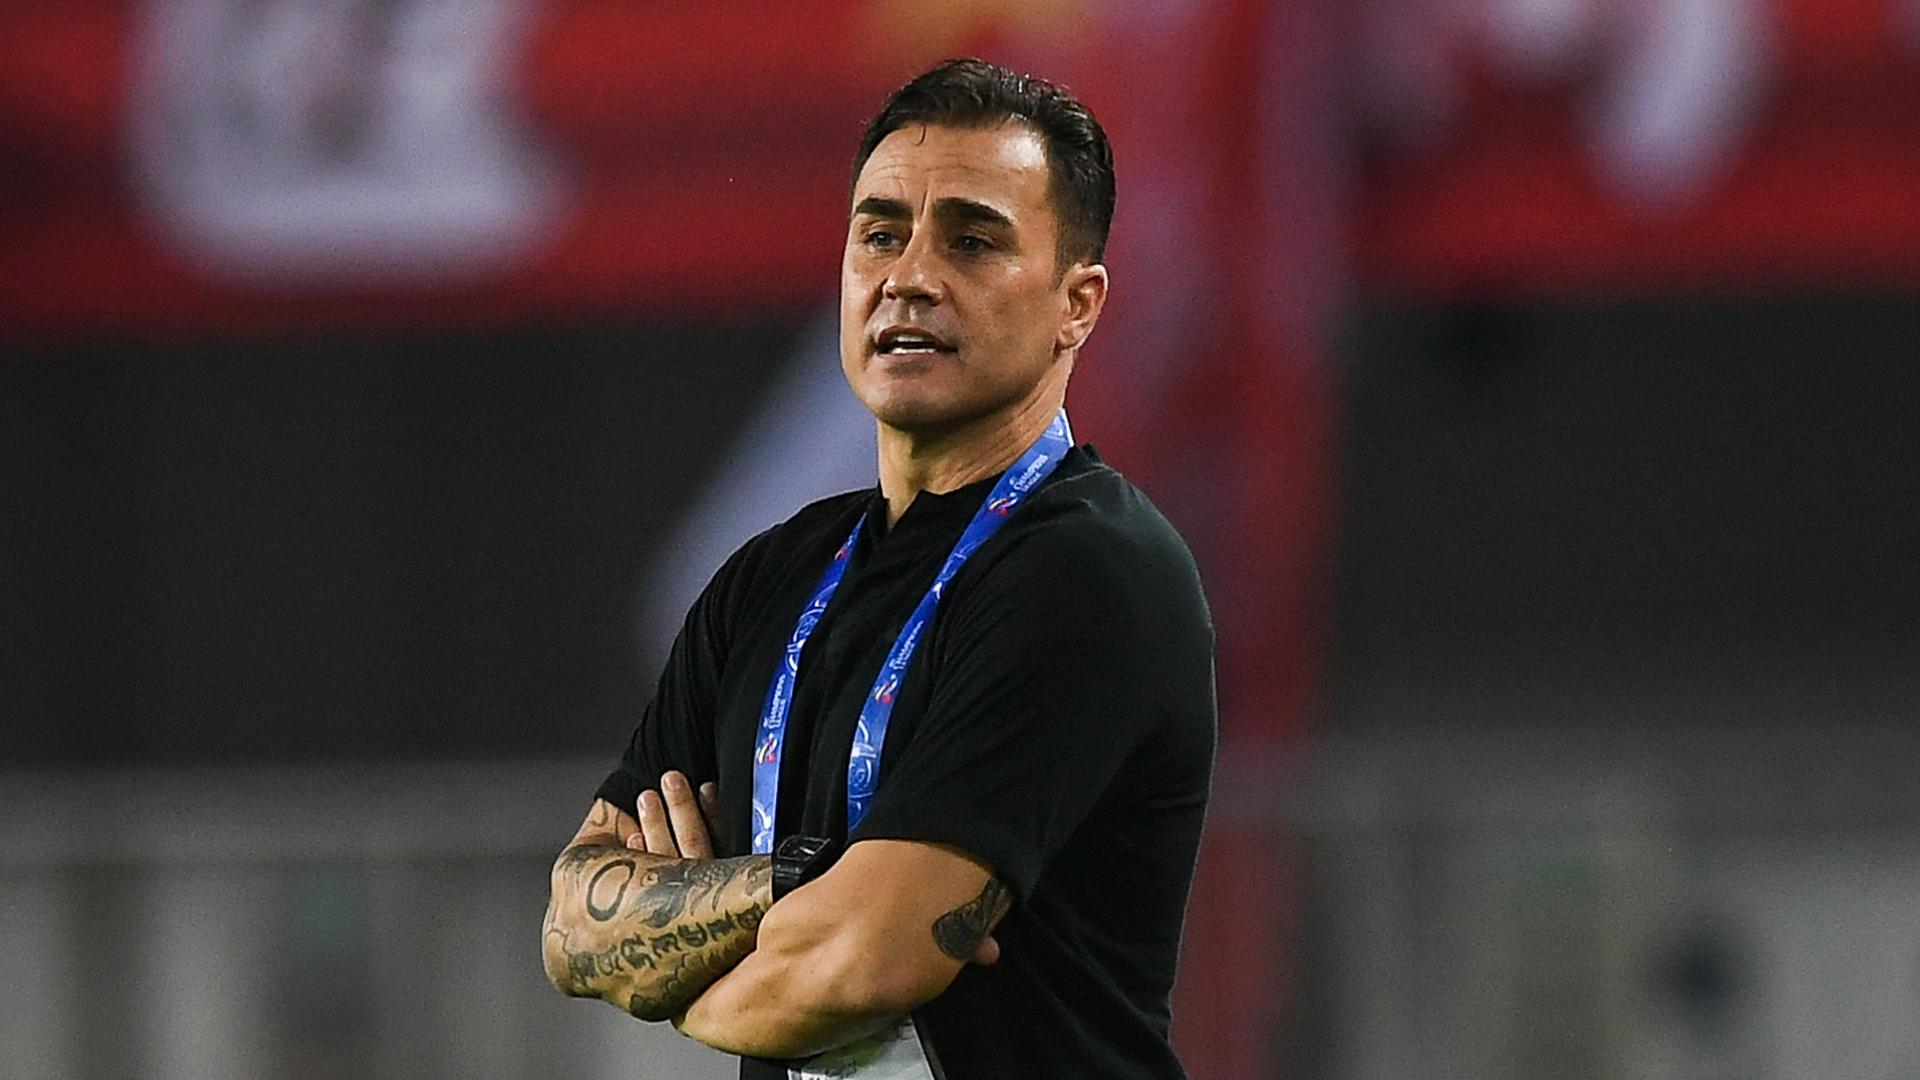 Esonerato? No, sospeso: la strana situazione di Fabio Cannavaro